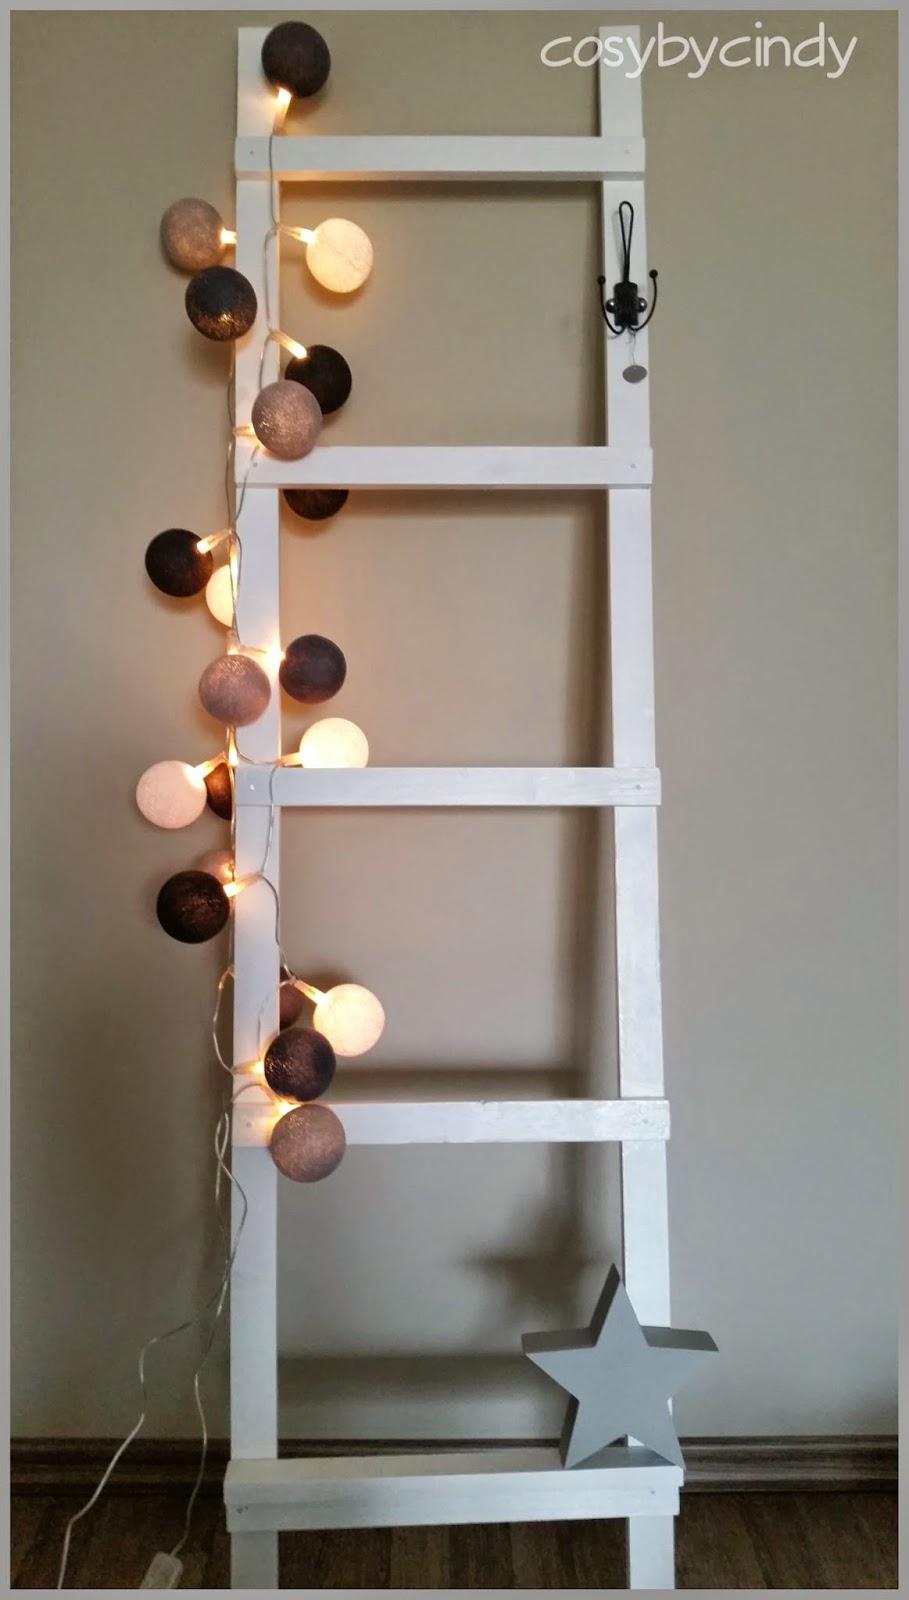 Cosy by cindy altijd iets leuks te vinden zelf een decoratieladder maken - Gang decoratie met trap ...